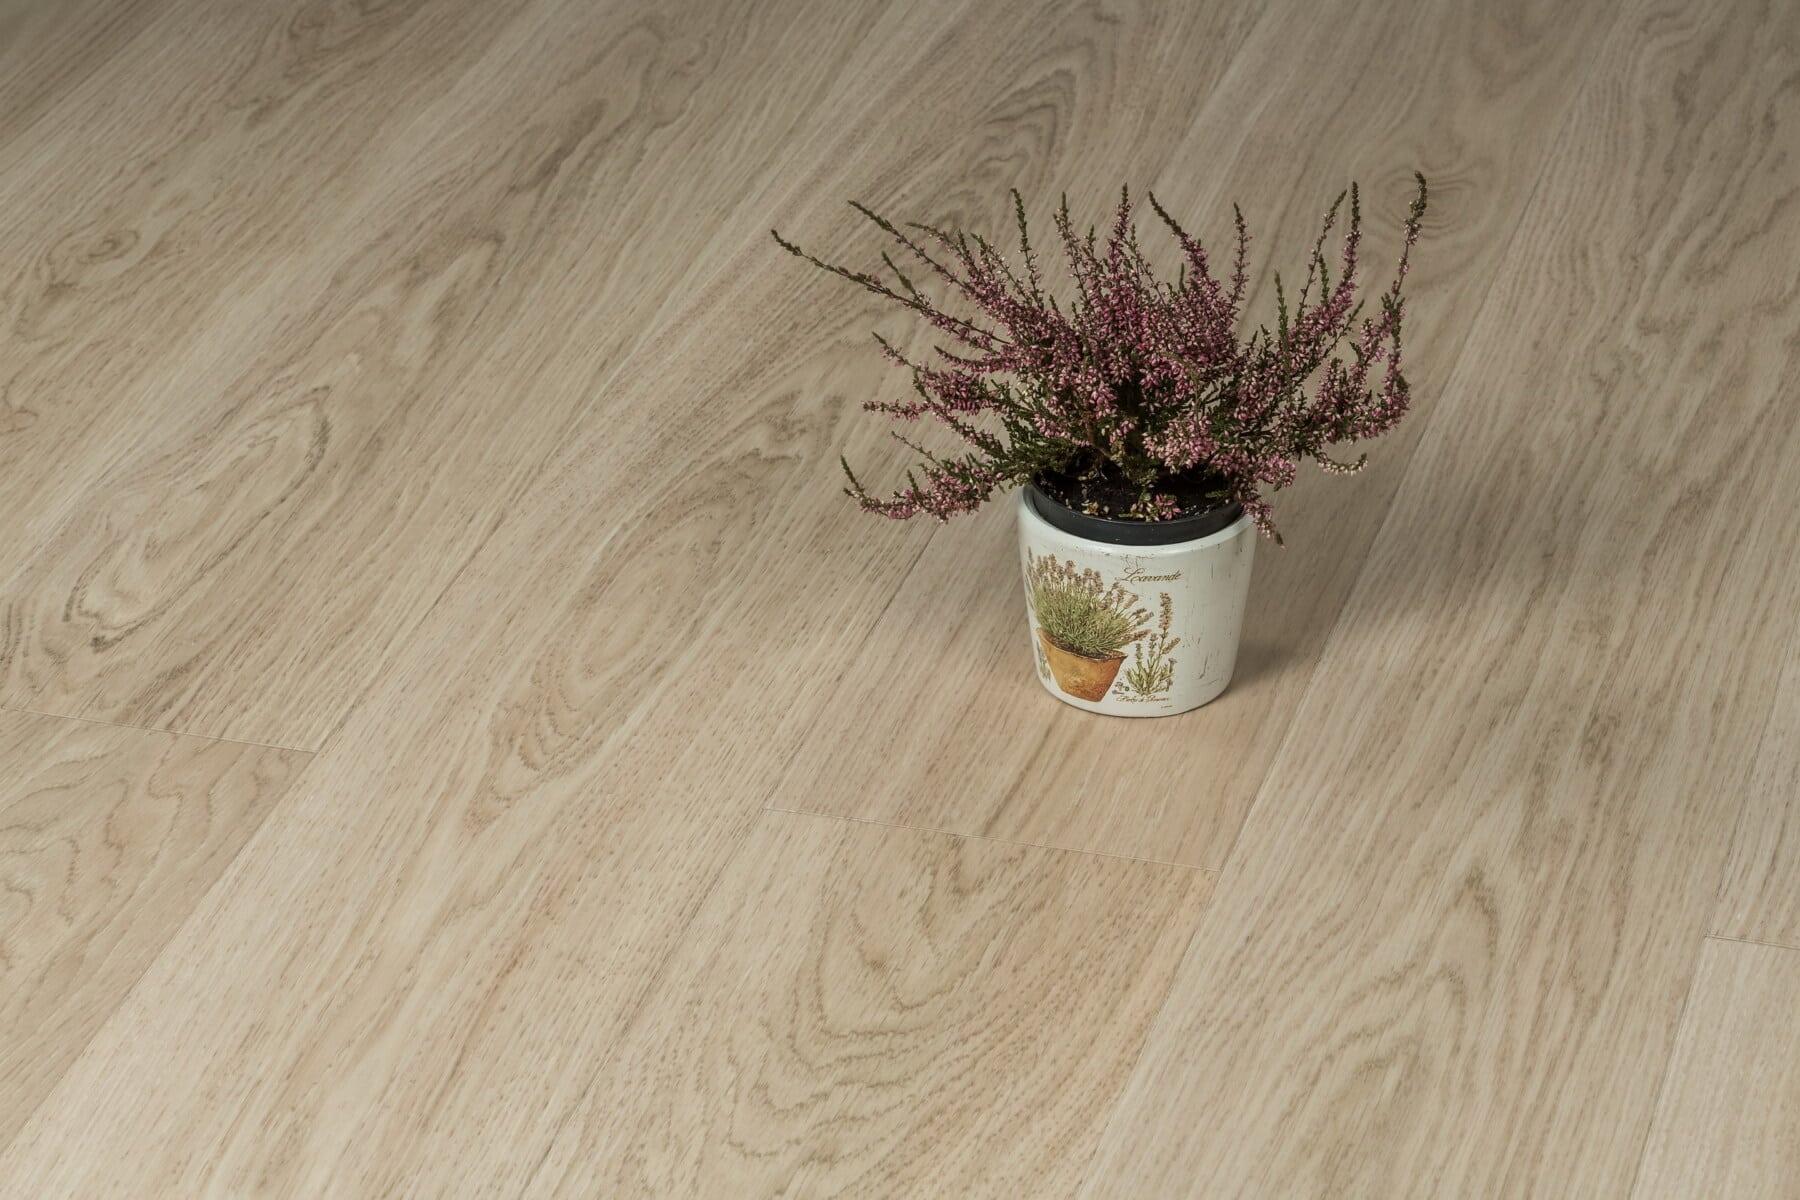 podea, lemn de esenta tare, maro deschis, Ghiveci de flori, parchet, lemn, frunze, interior design, din lemn, floare